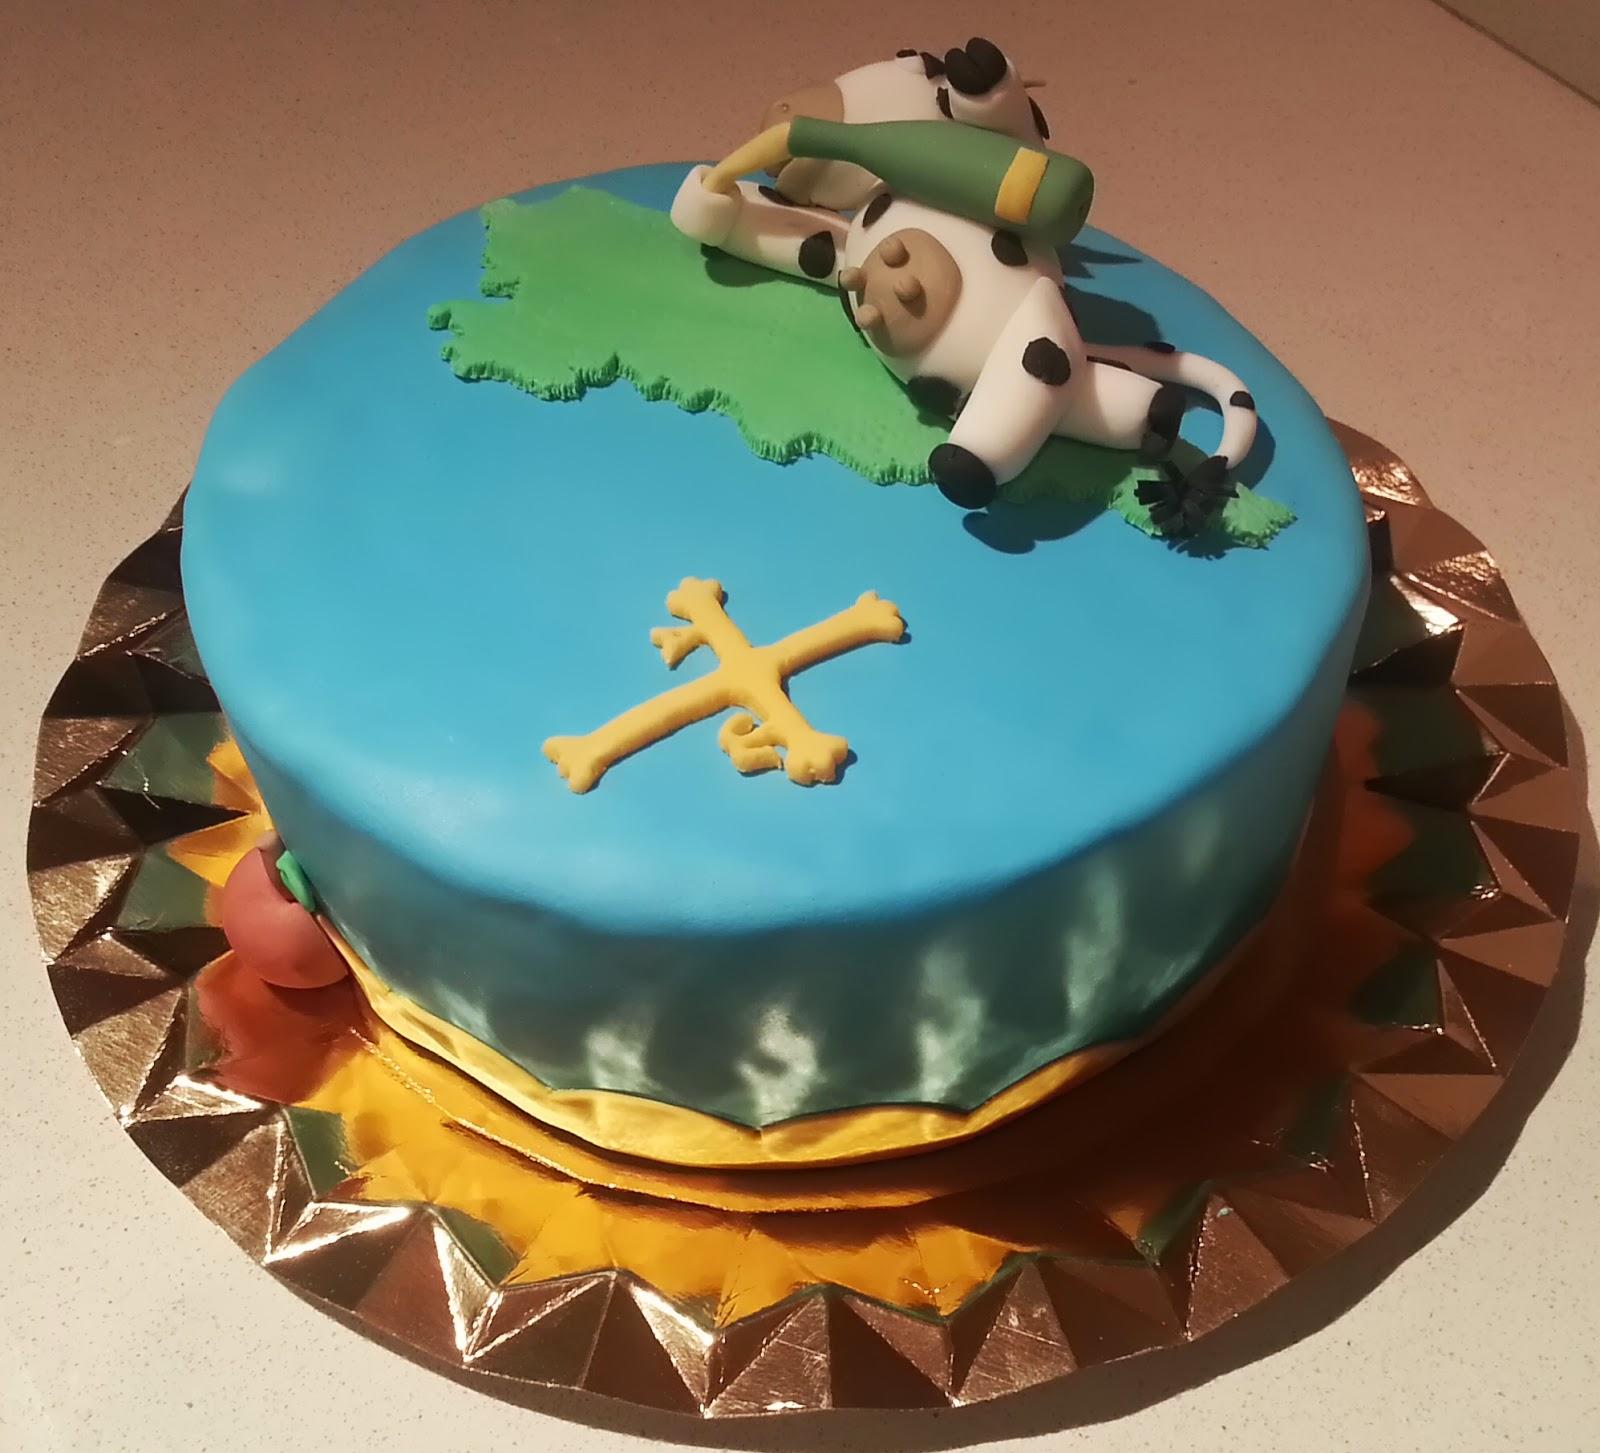 Bizcocho de cumpleanos cake ideas and designs - Bizcocho de cumpleanos para ninos ...